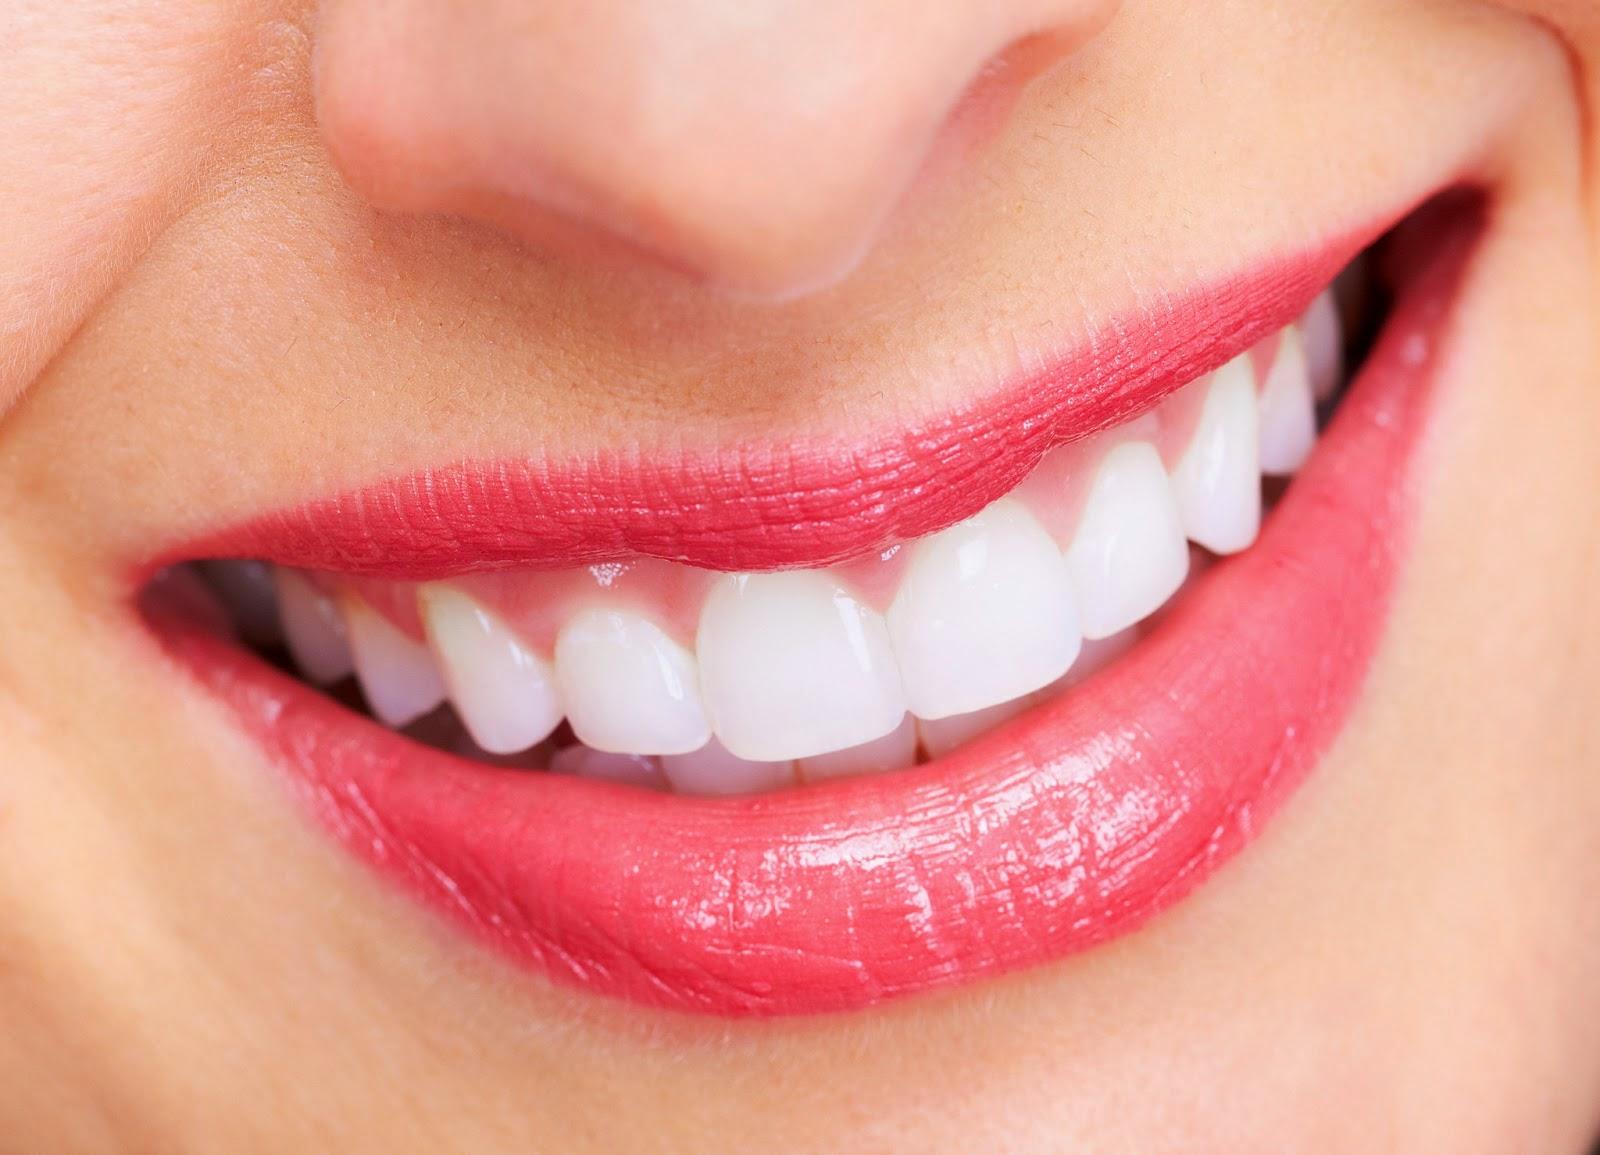 coca cola can dissolve teeth